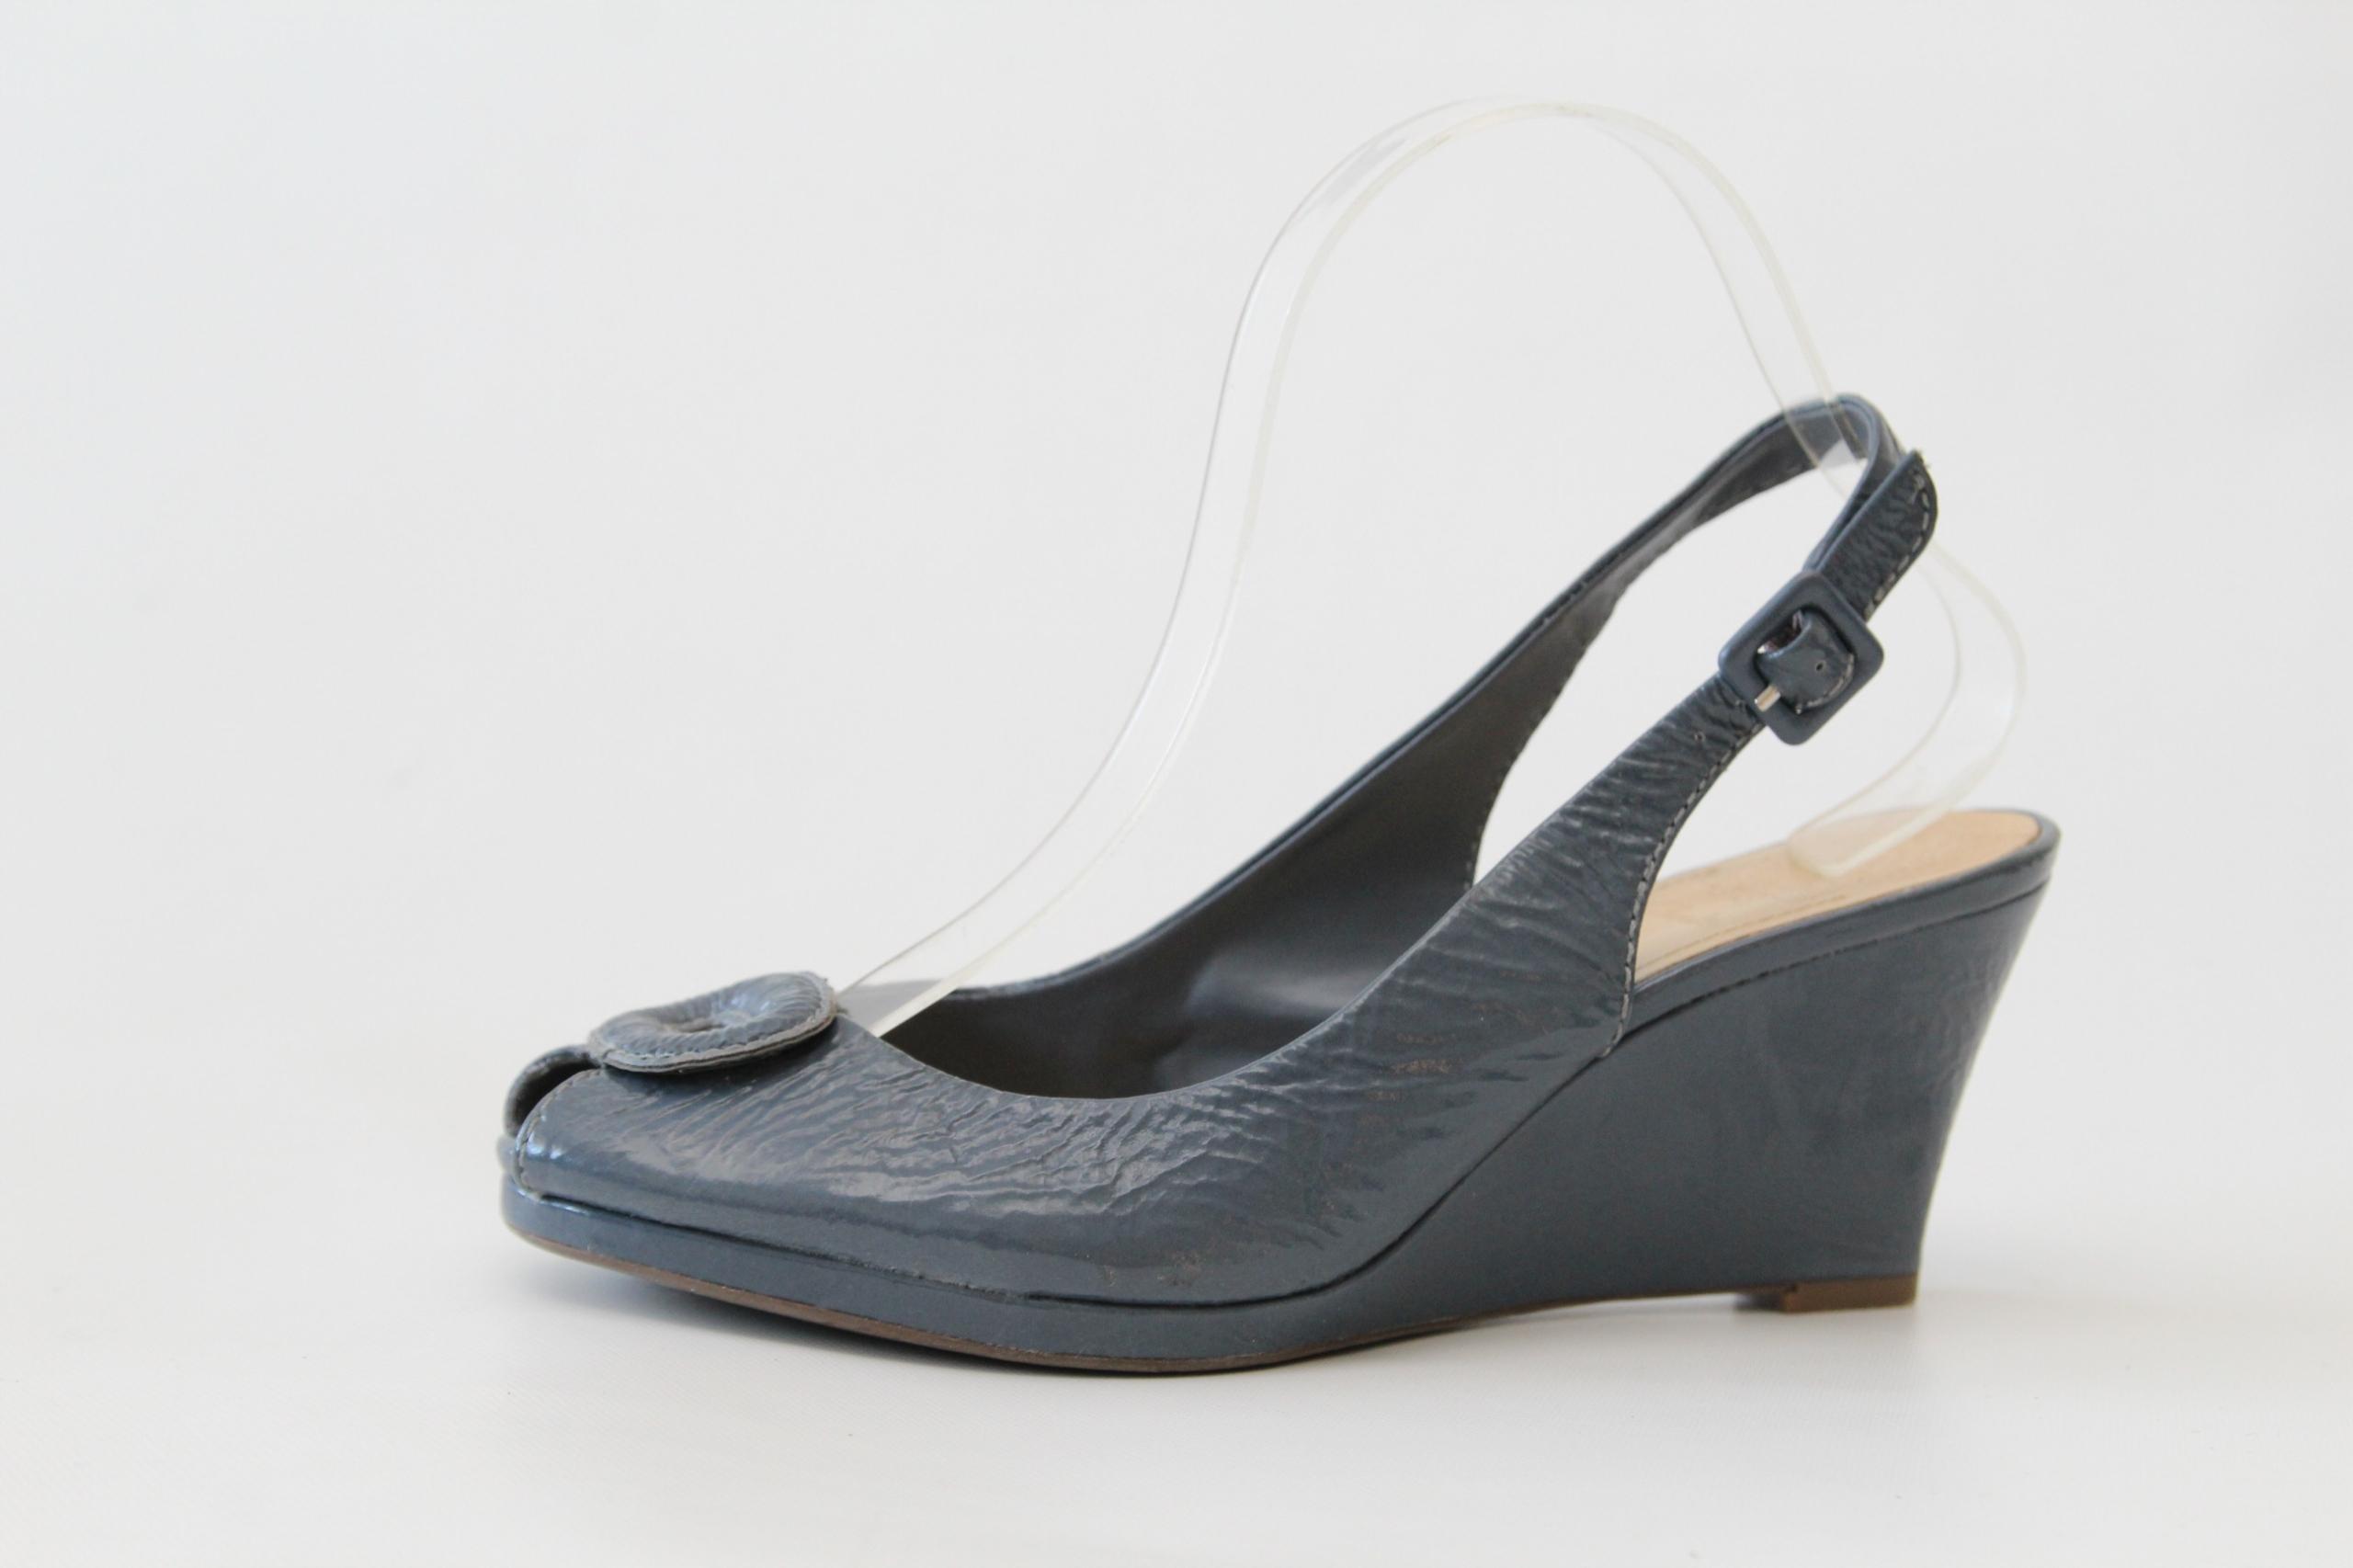 CLARKS - skórzane sandały r. 40 (25 cm)